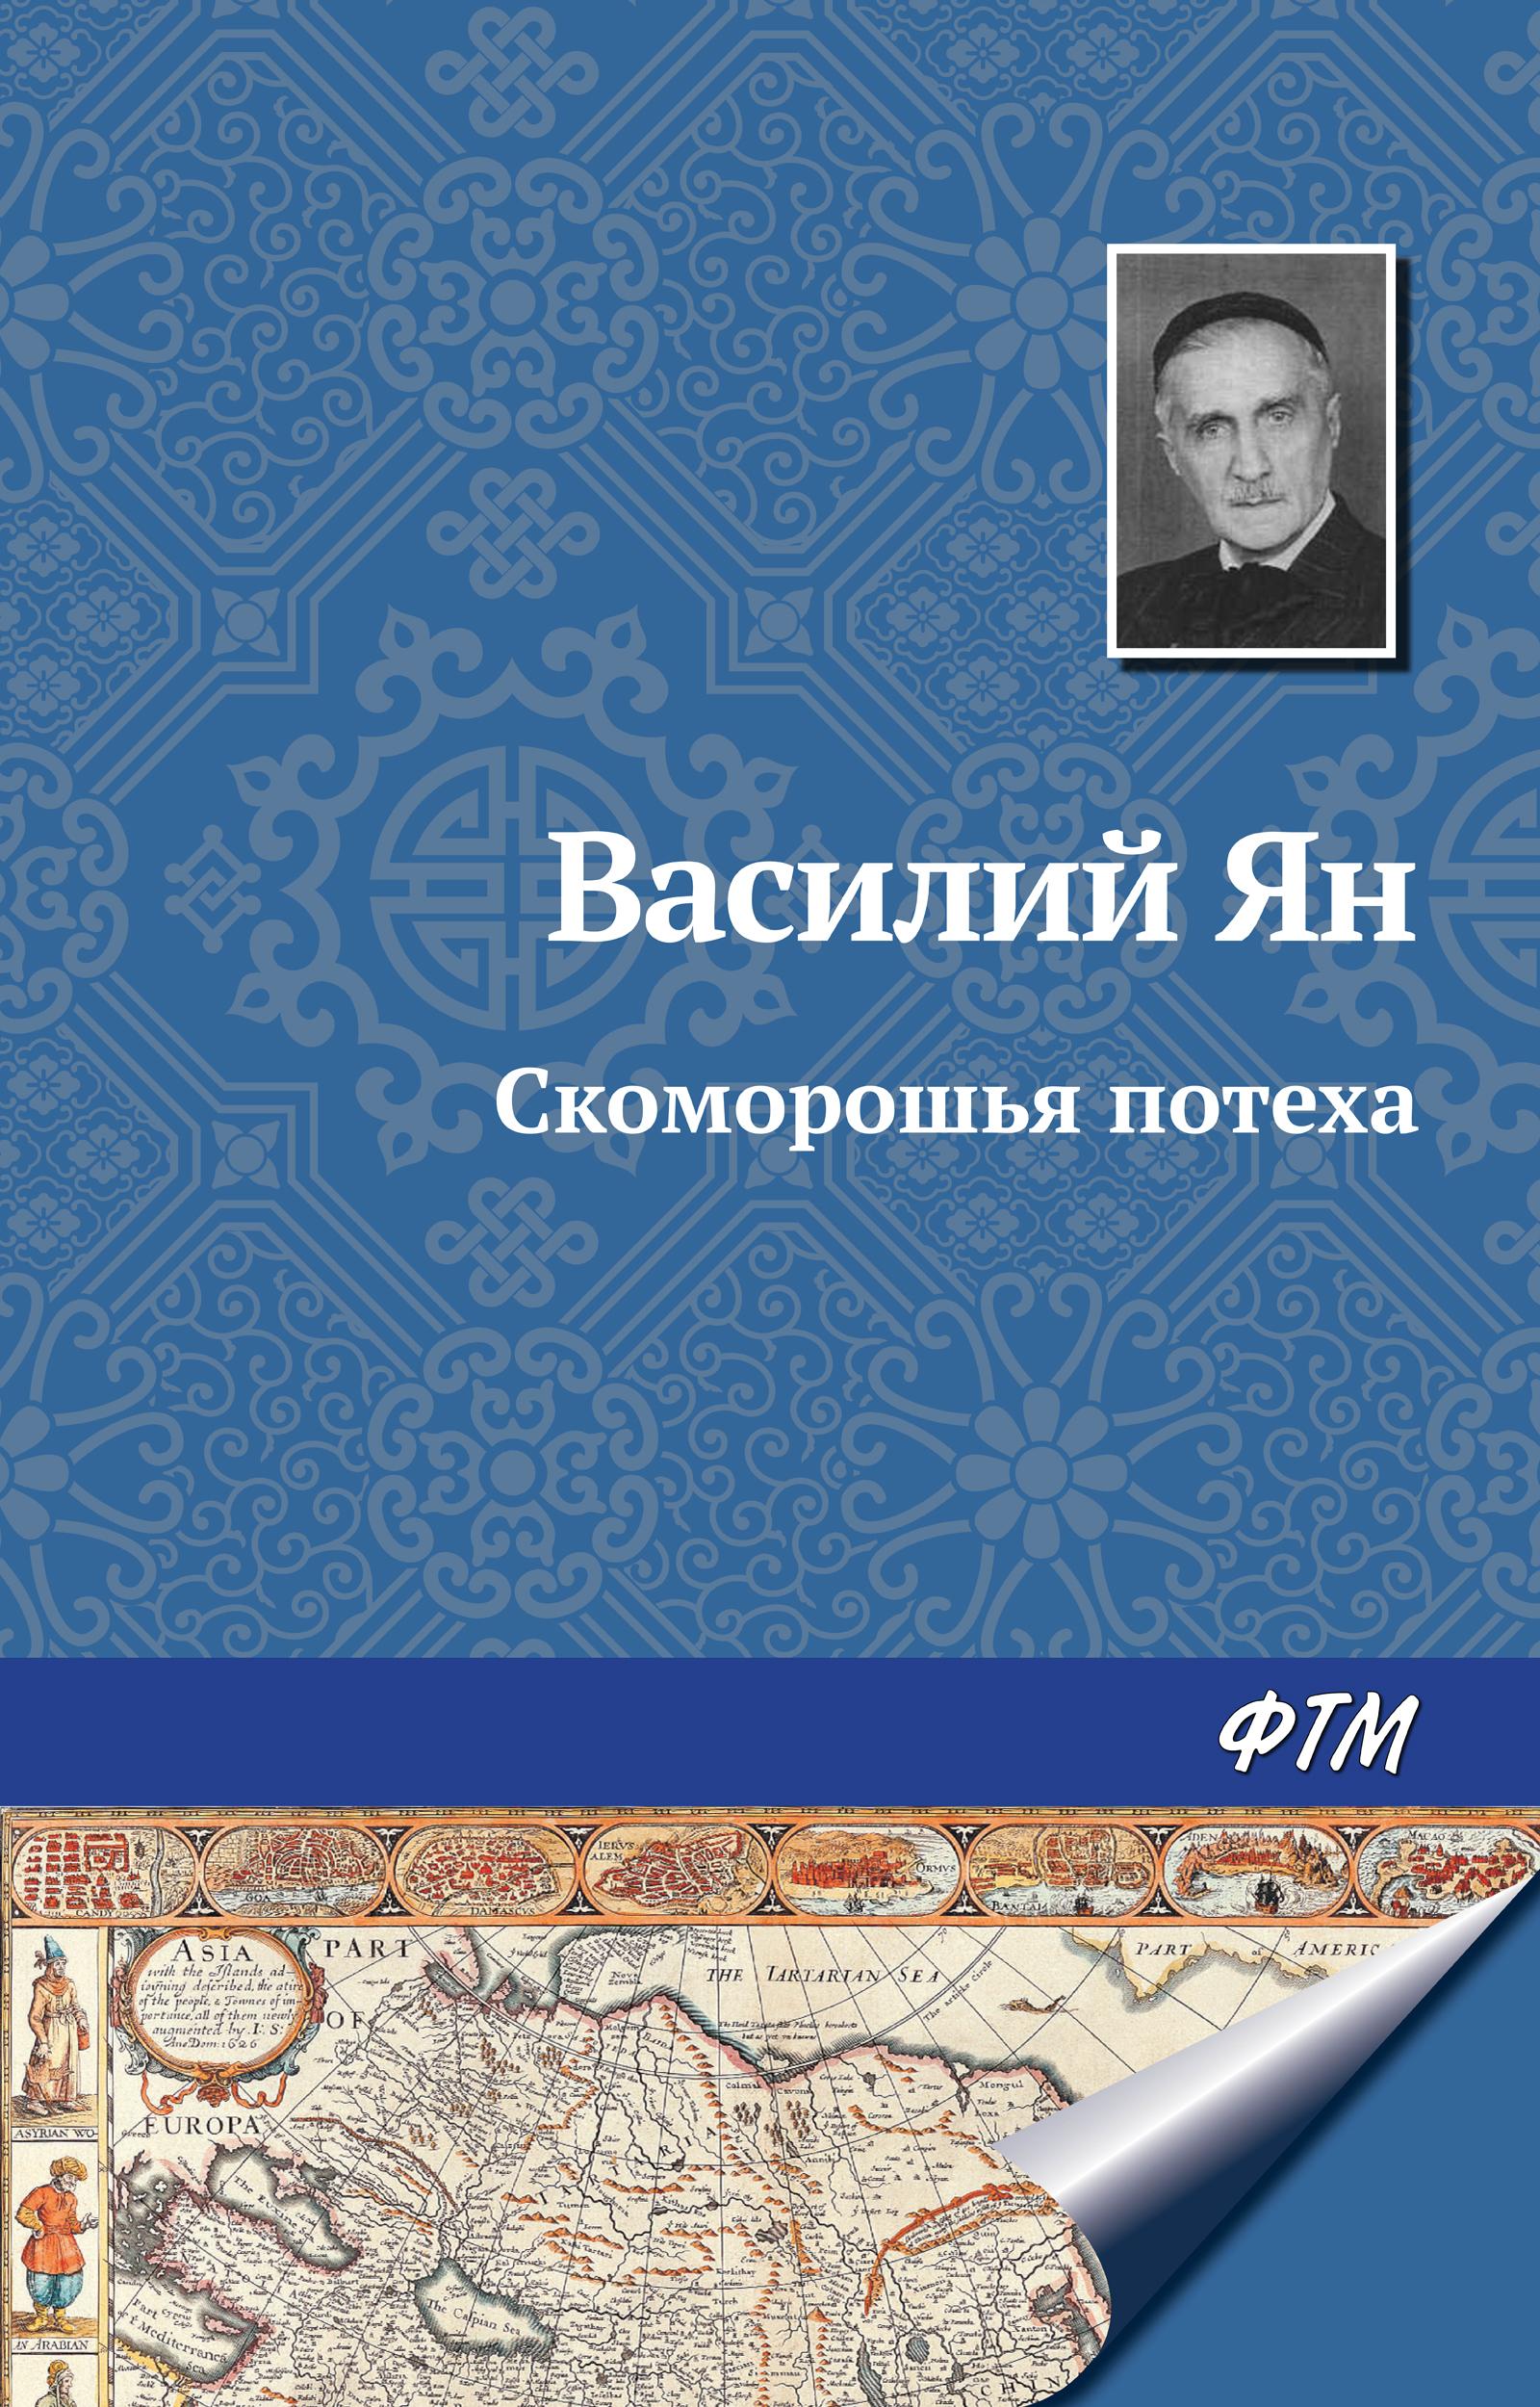 цена Василий Ян Скоморошья потеха